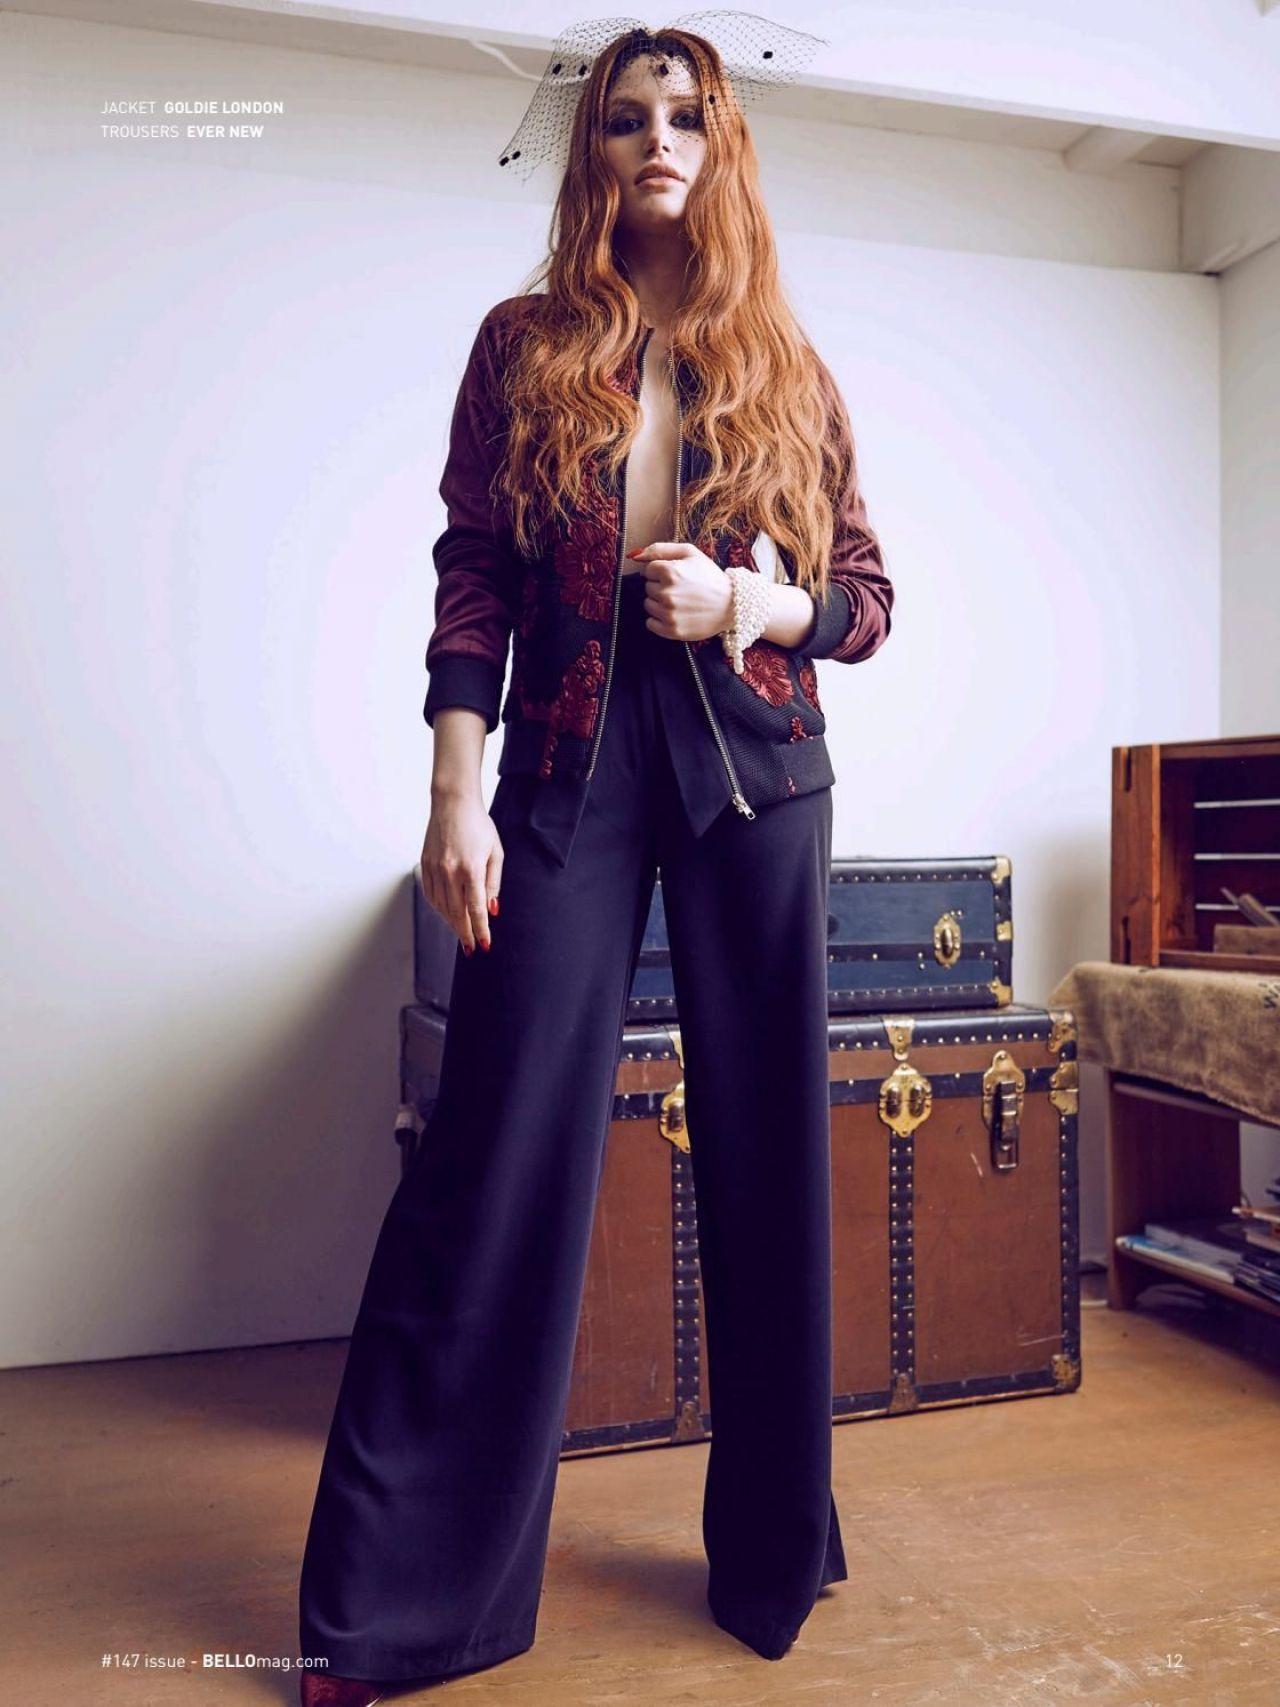 Madelaine Petsch Bello Magazine March 2017 Issue